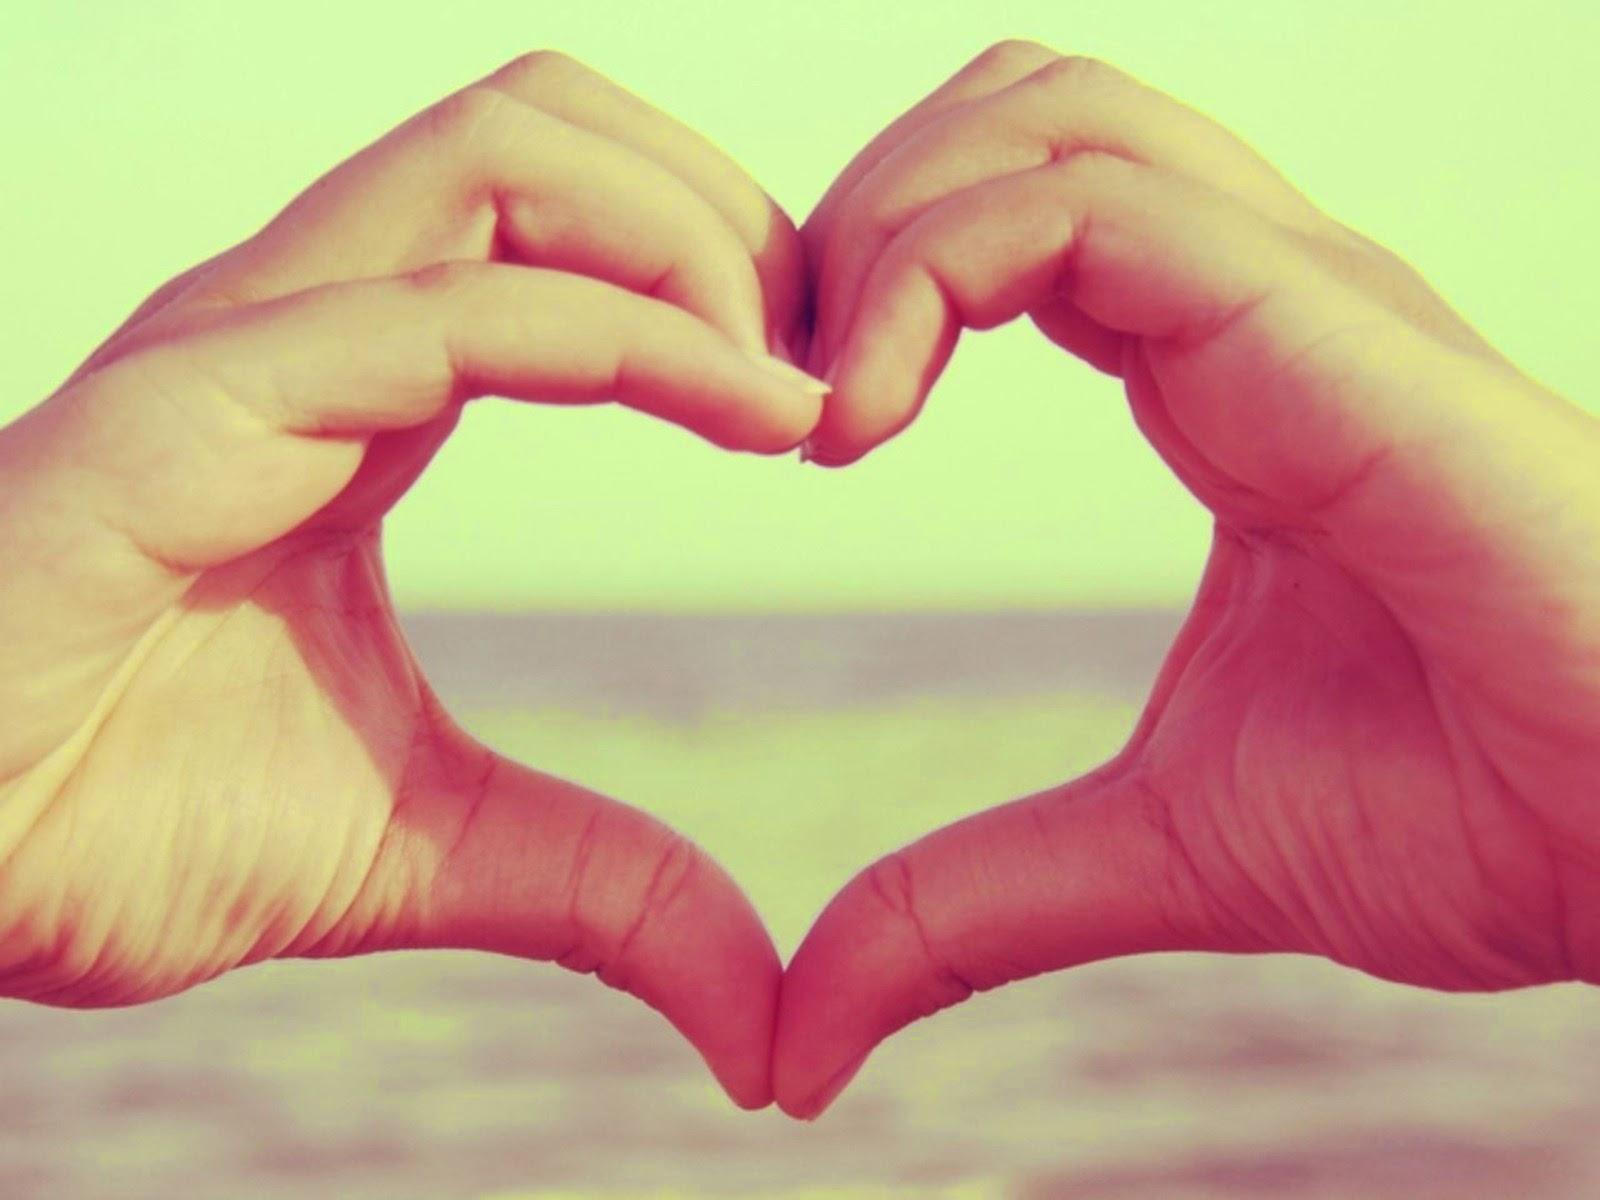 صوره صور حب وغرام , صور جميله للحب والغرام الرومانسي